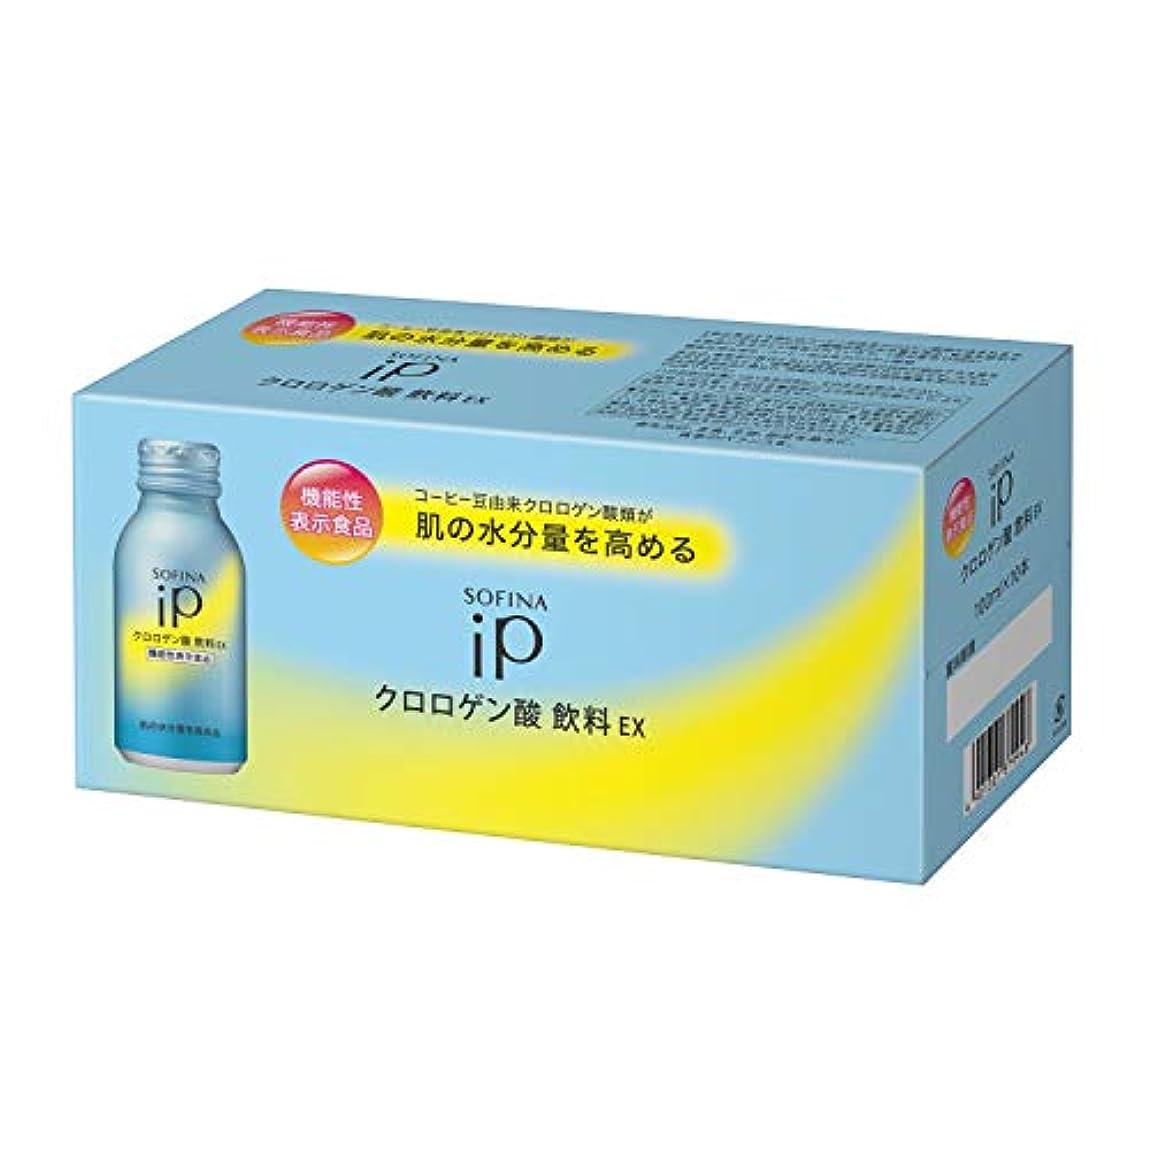 モーションデコラティブエイリアスソフィーナiP(アイピー) ソフィーナ iP クロロゲン酸 飲料 EX 100ml×10本